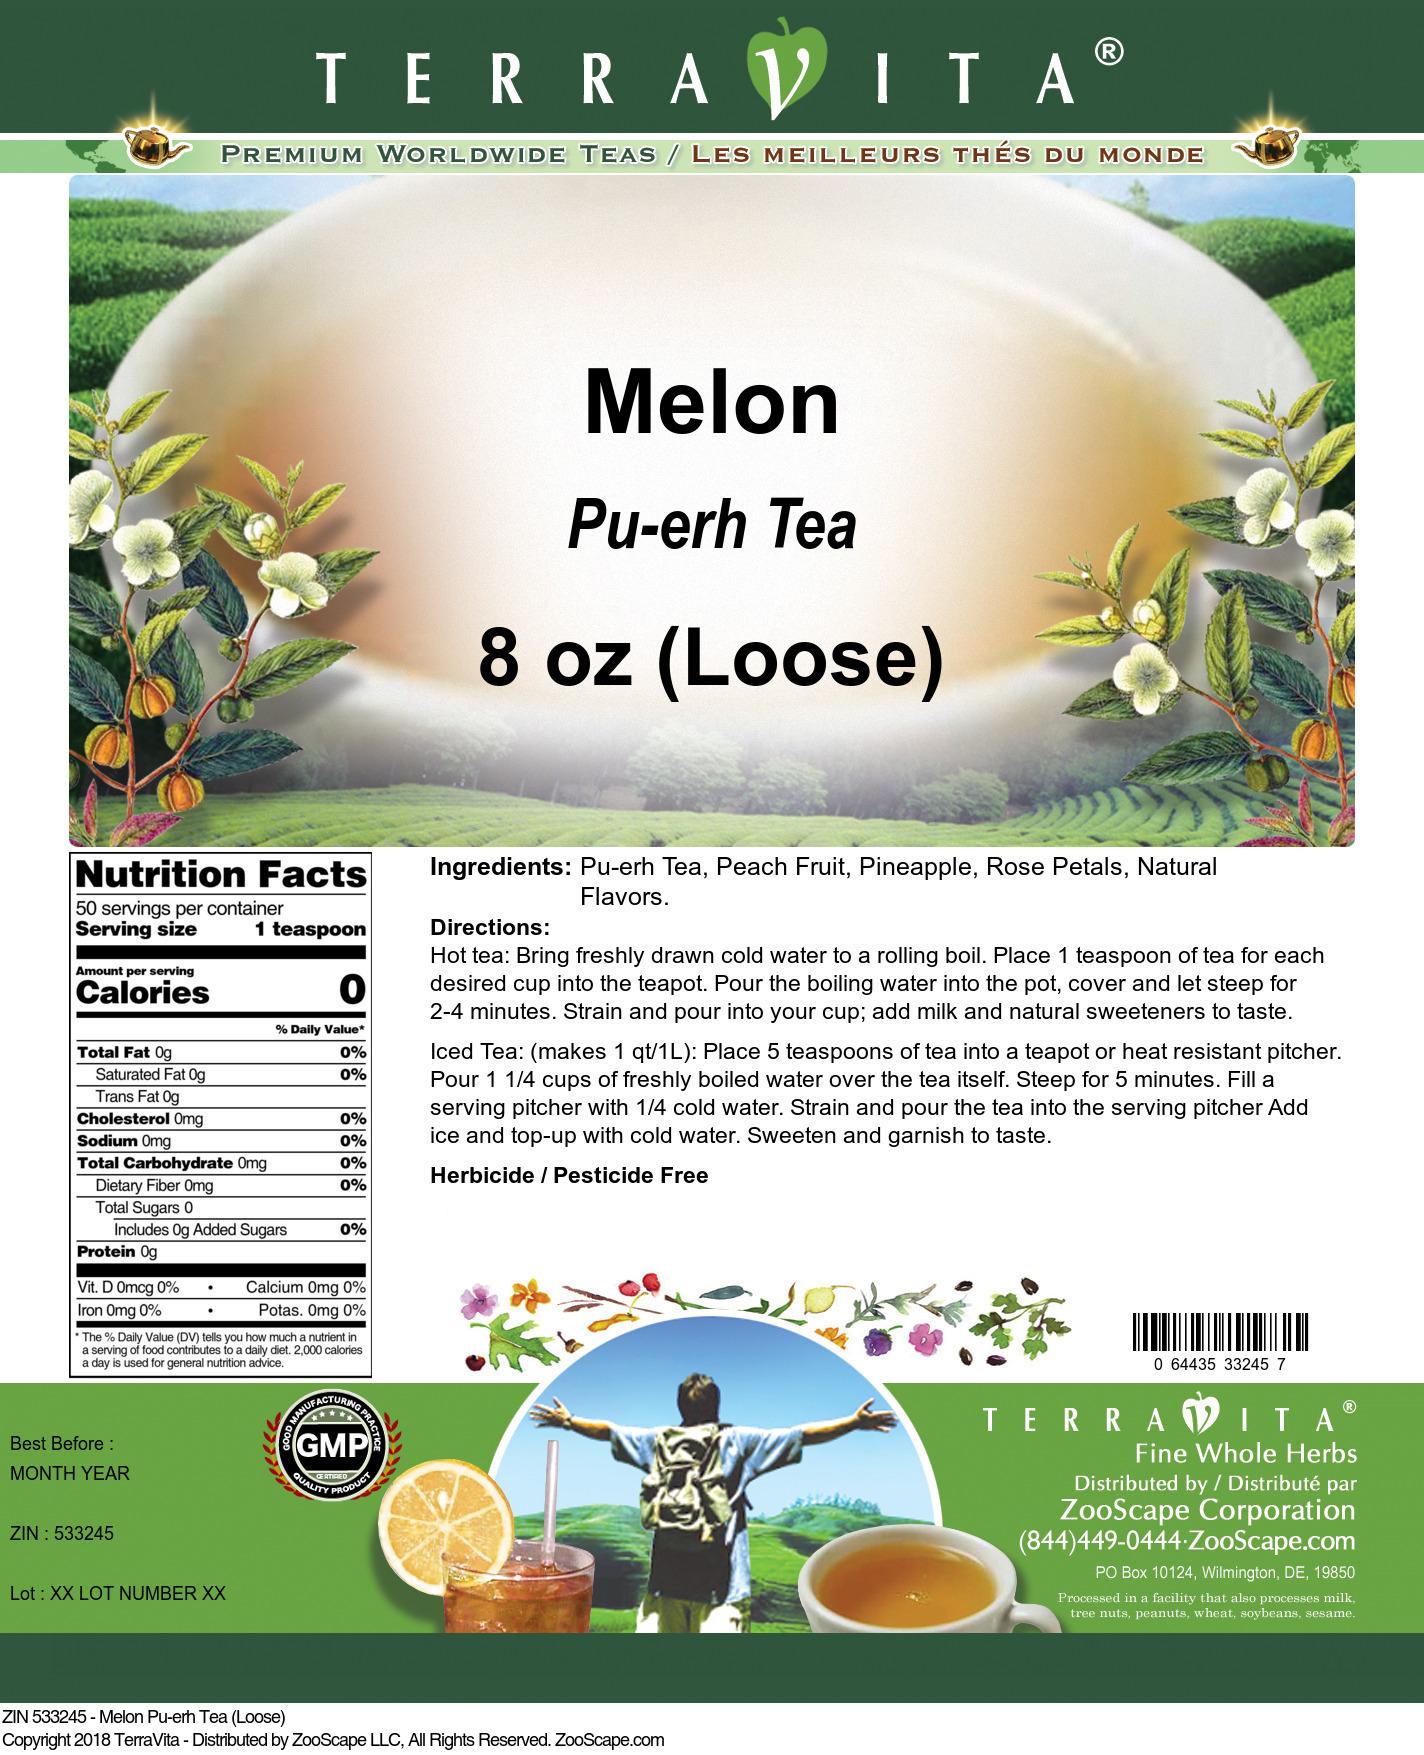 Melon Pu-erh Tea (Loose)